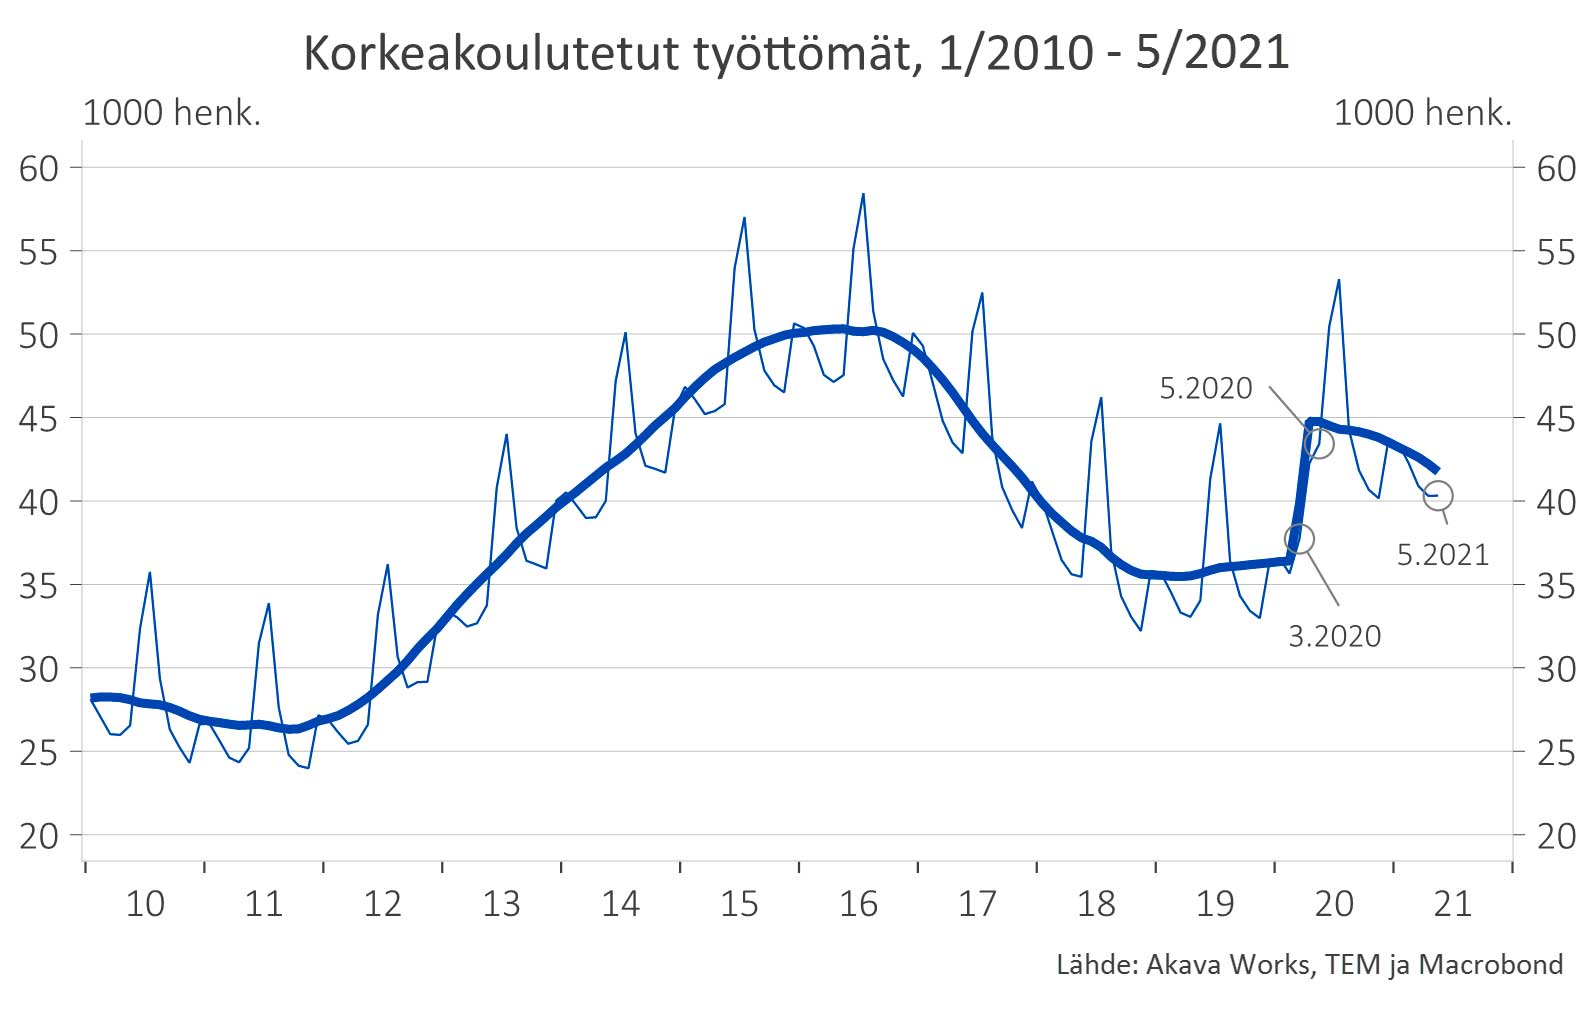 Korkeakoulutetut työttömät 1/2021 - 5/2021